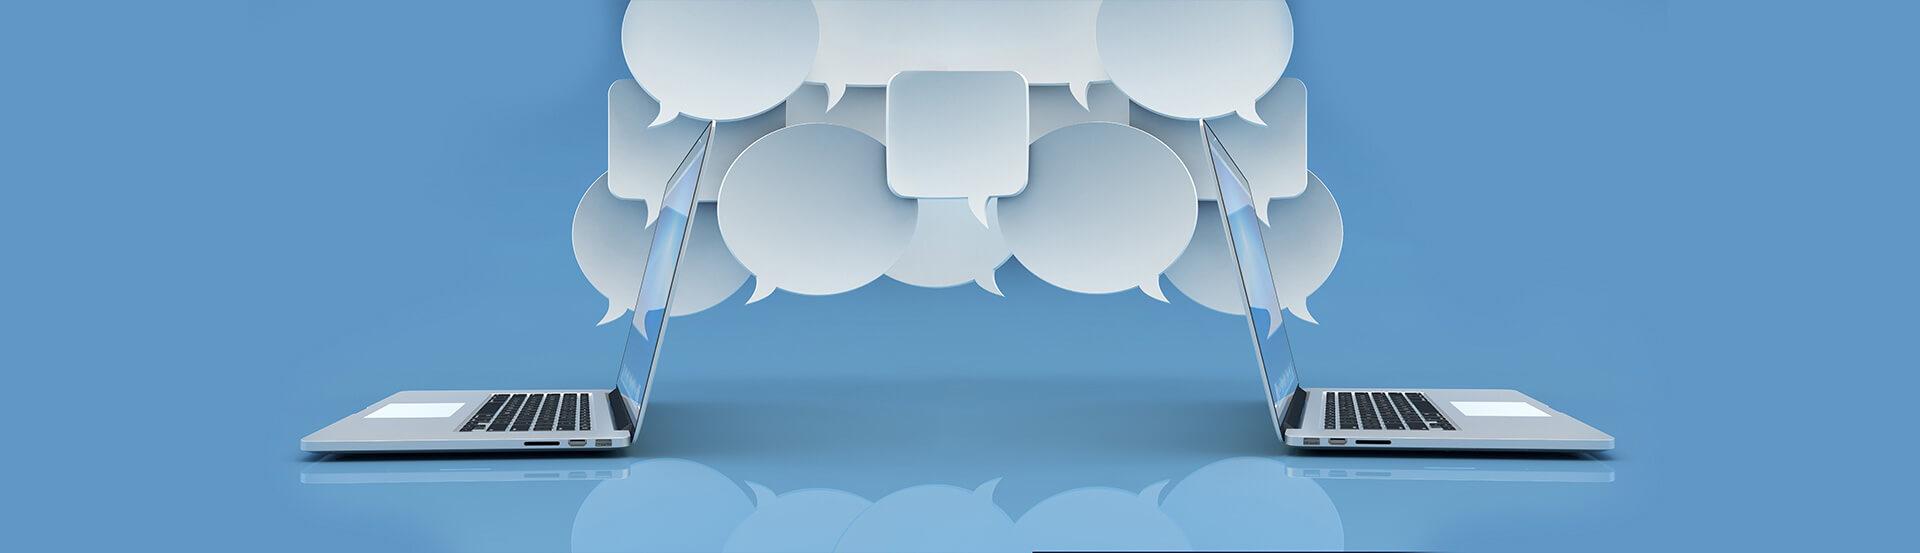 Forum qualitatif en ligne - consommateurs ou salariés